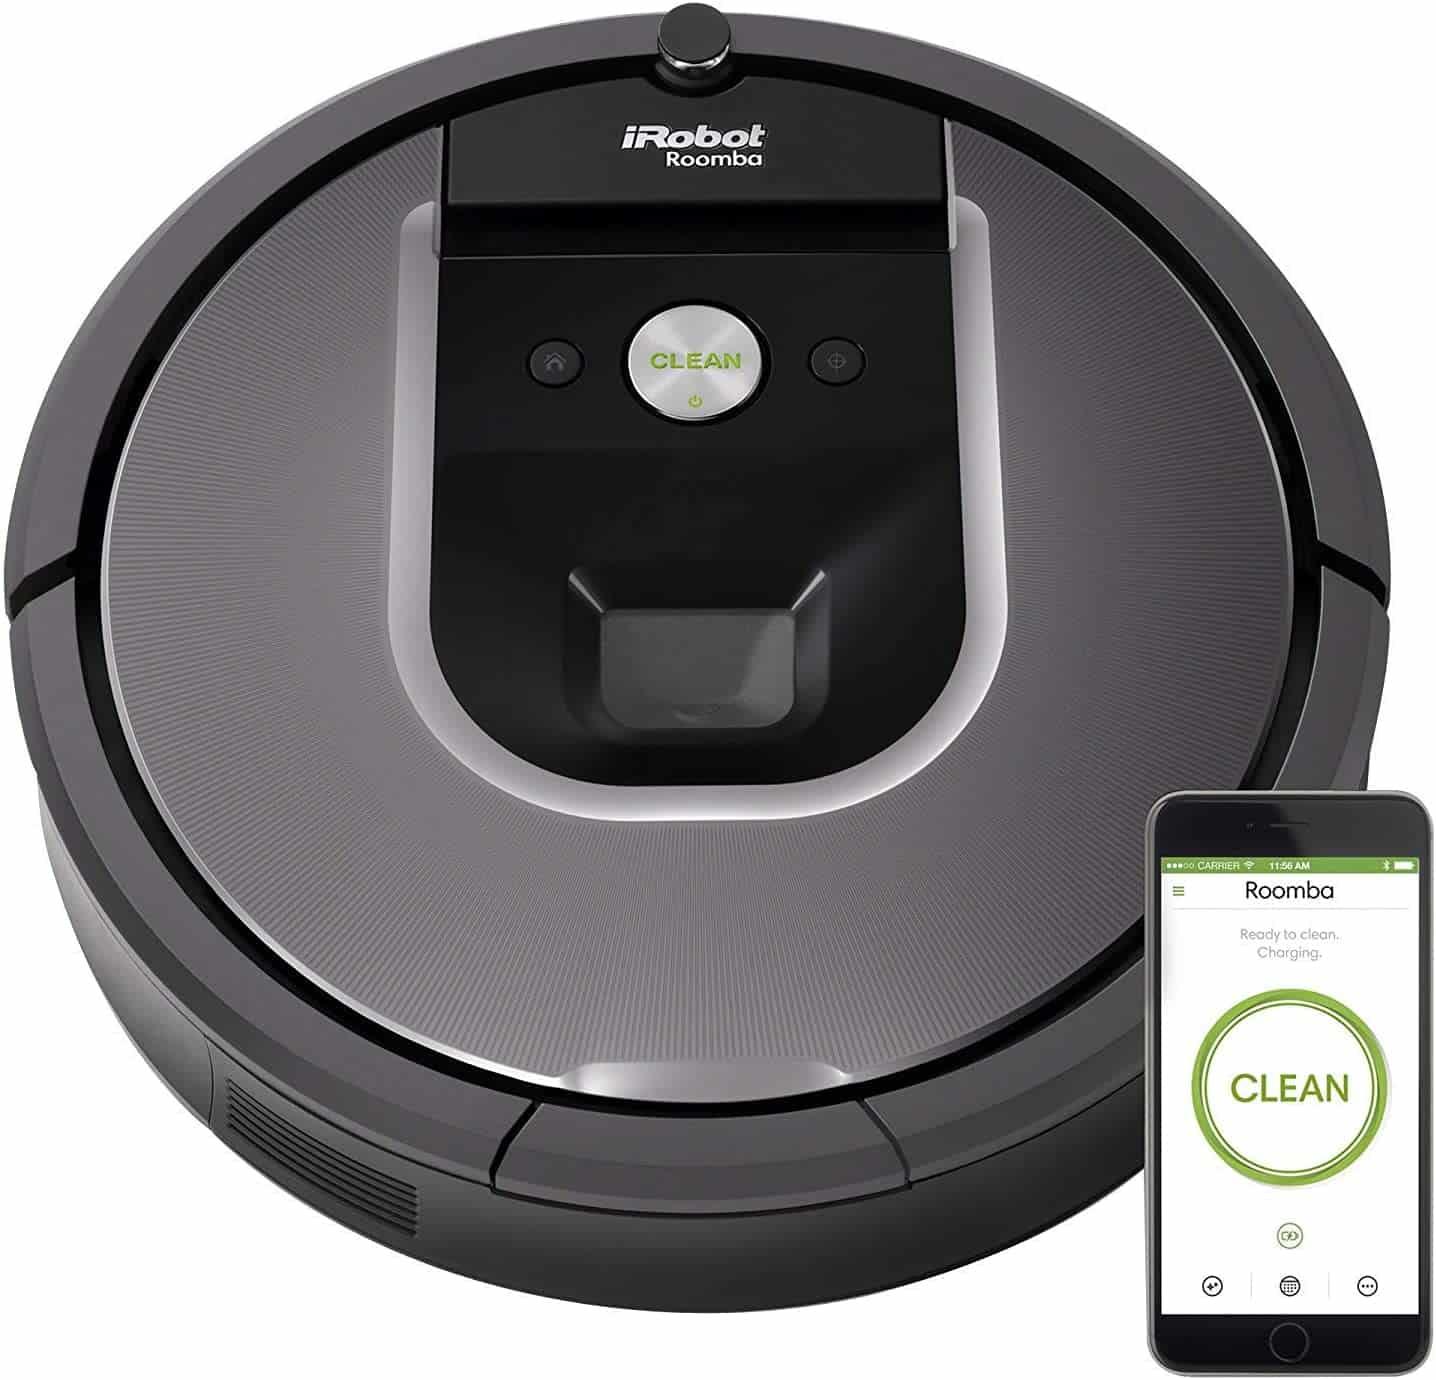 (Renewed) iRobot Roomba 960 Robot Vacuum - Amazon